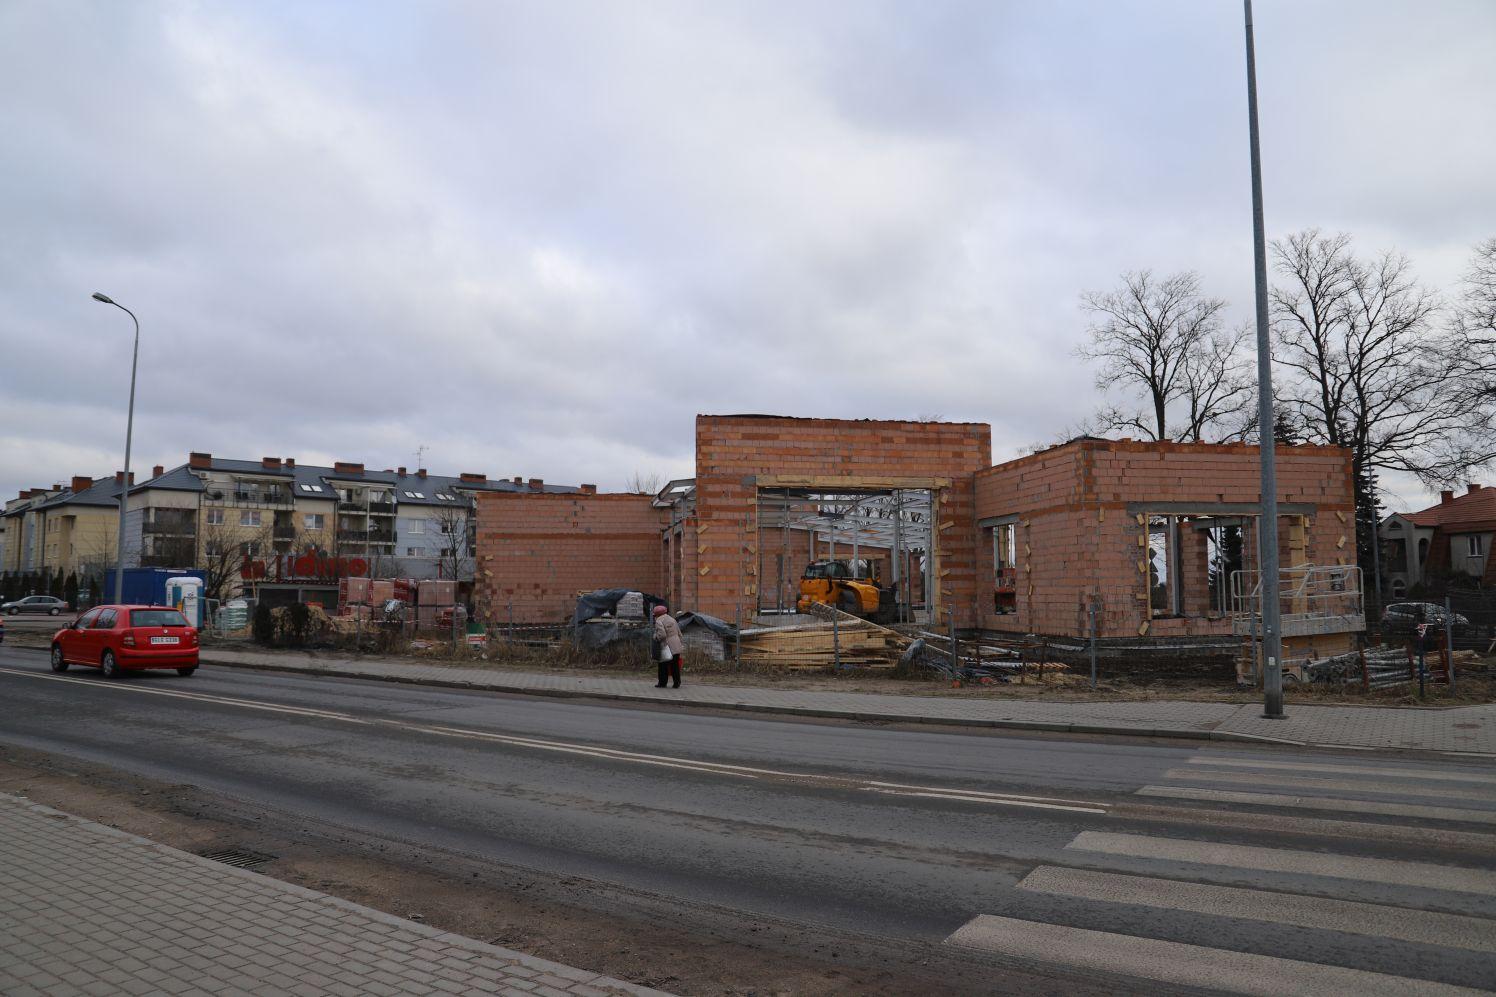 [ZDJĘCIA] Spora budowa w Kutnie. Co tutaj powstaje? - Zdjęcie główne